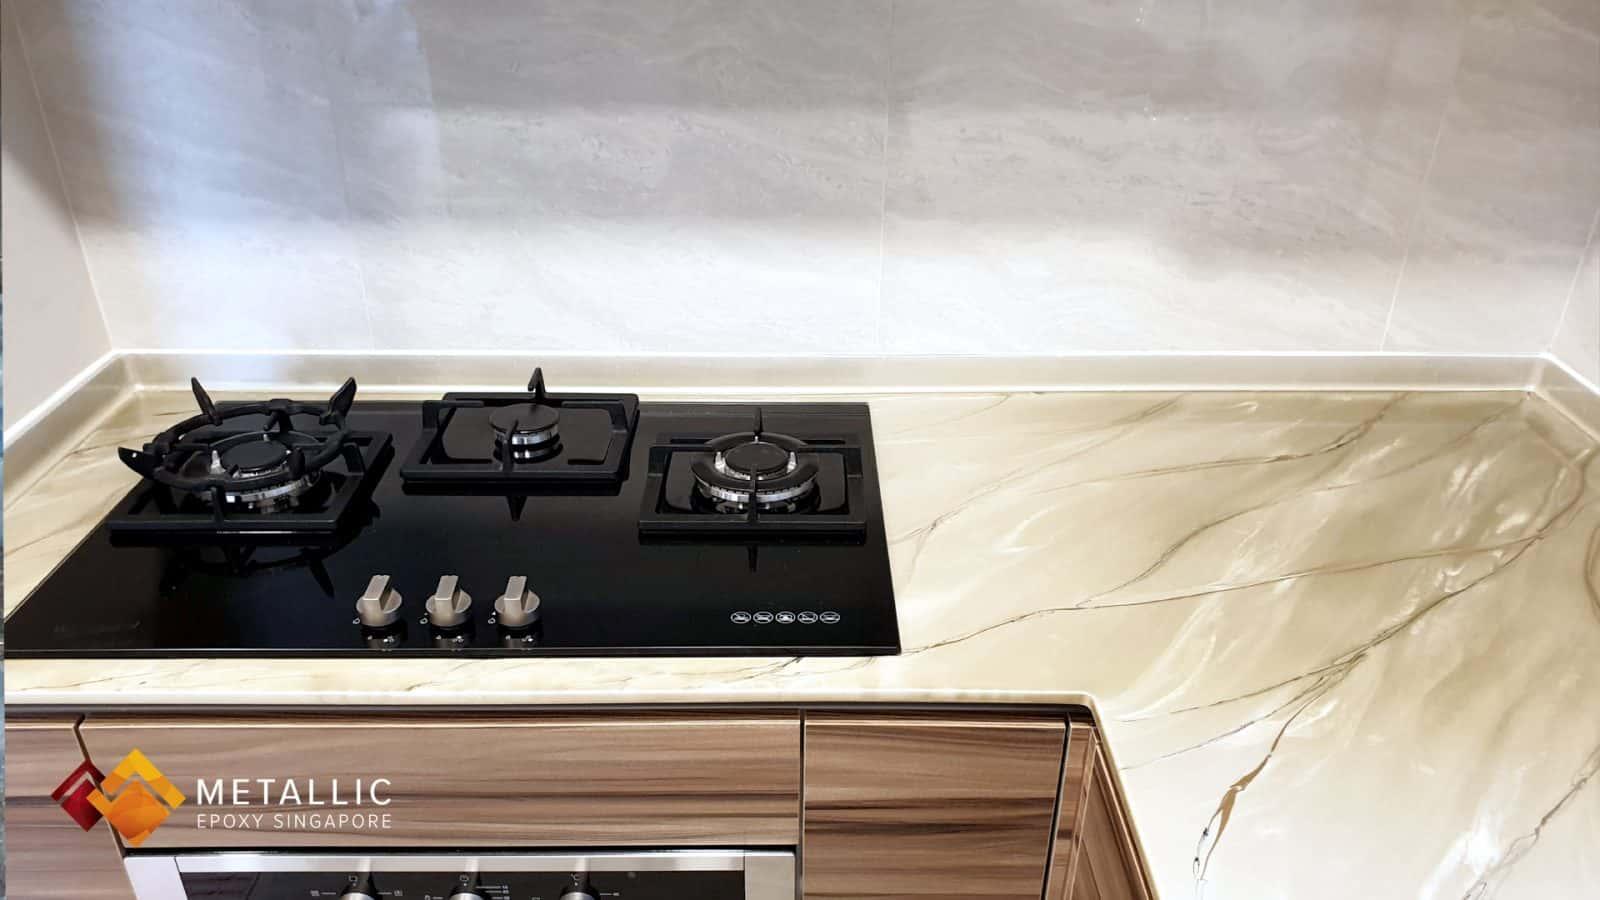 metallic epoxy singapore gold white khaki kitchen countertop